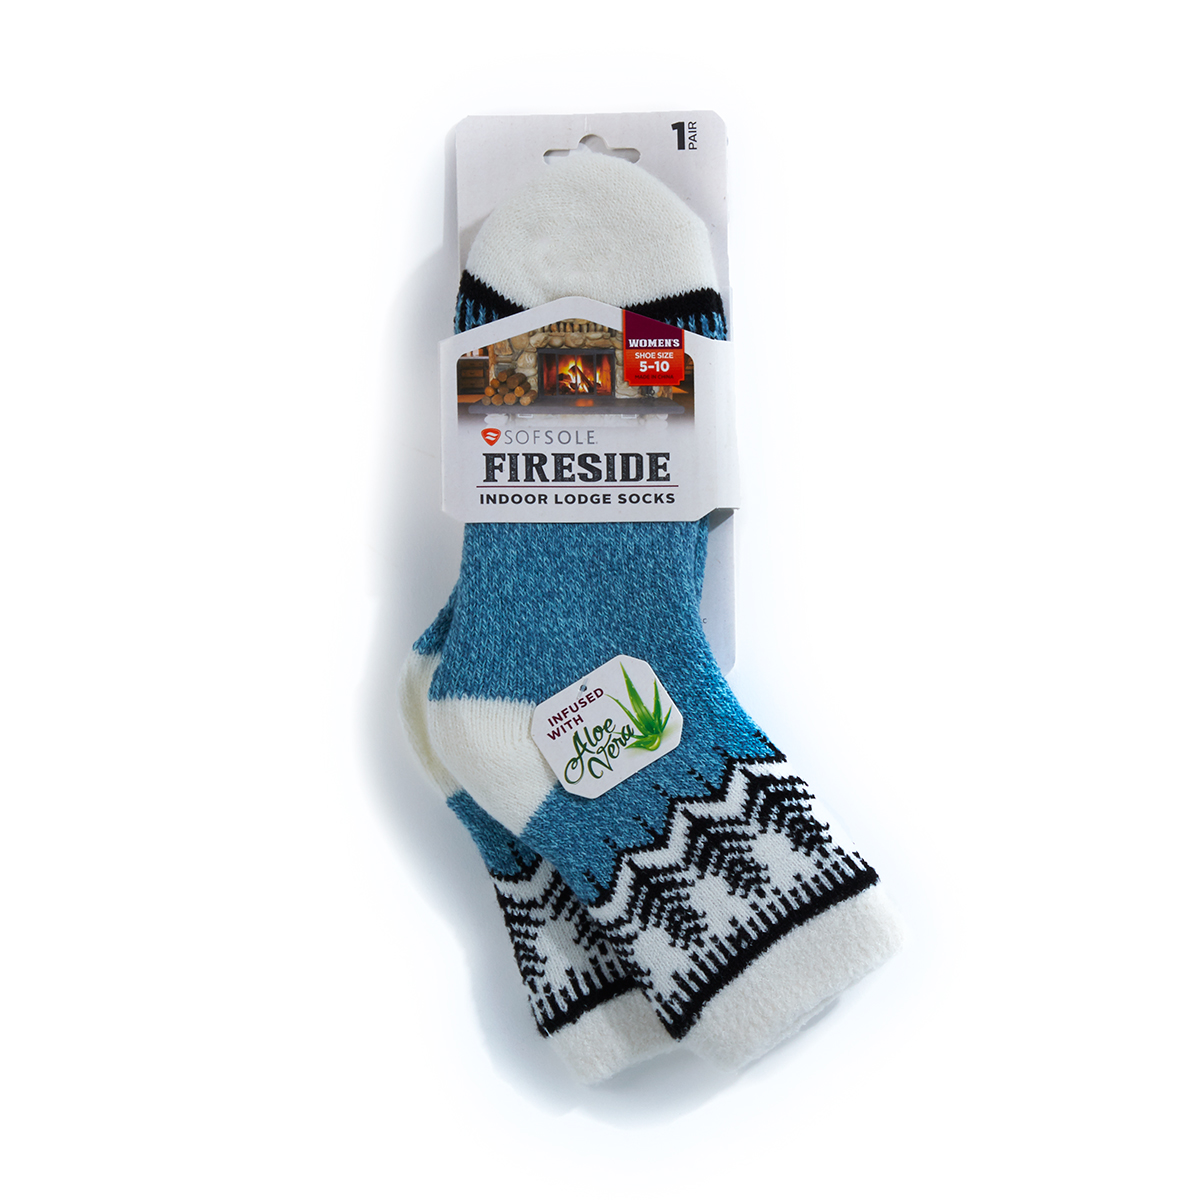 Sof Sole Women's Fireside Chevron Socks - Blue, M